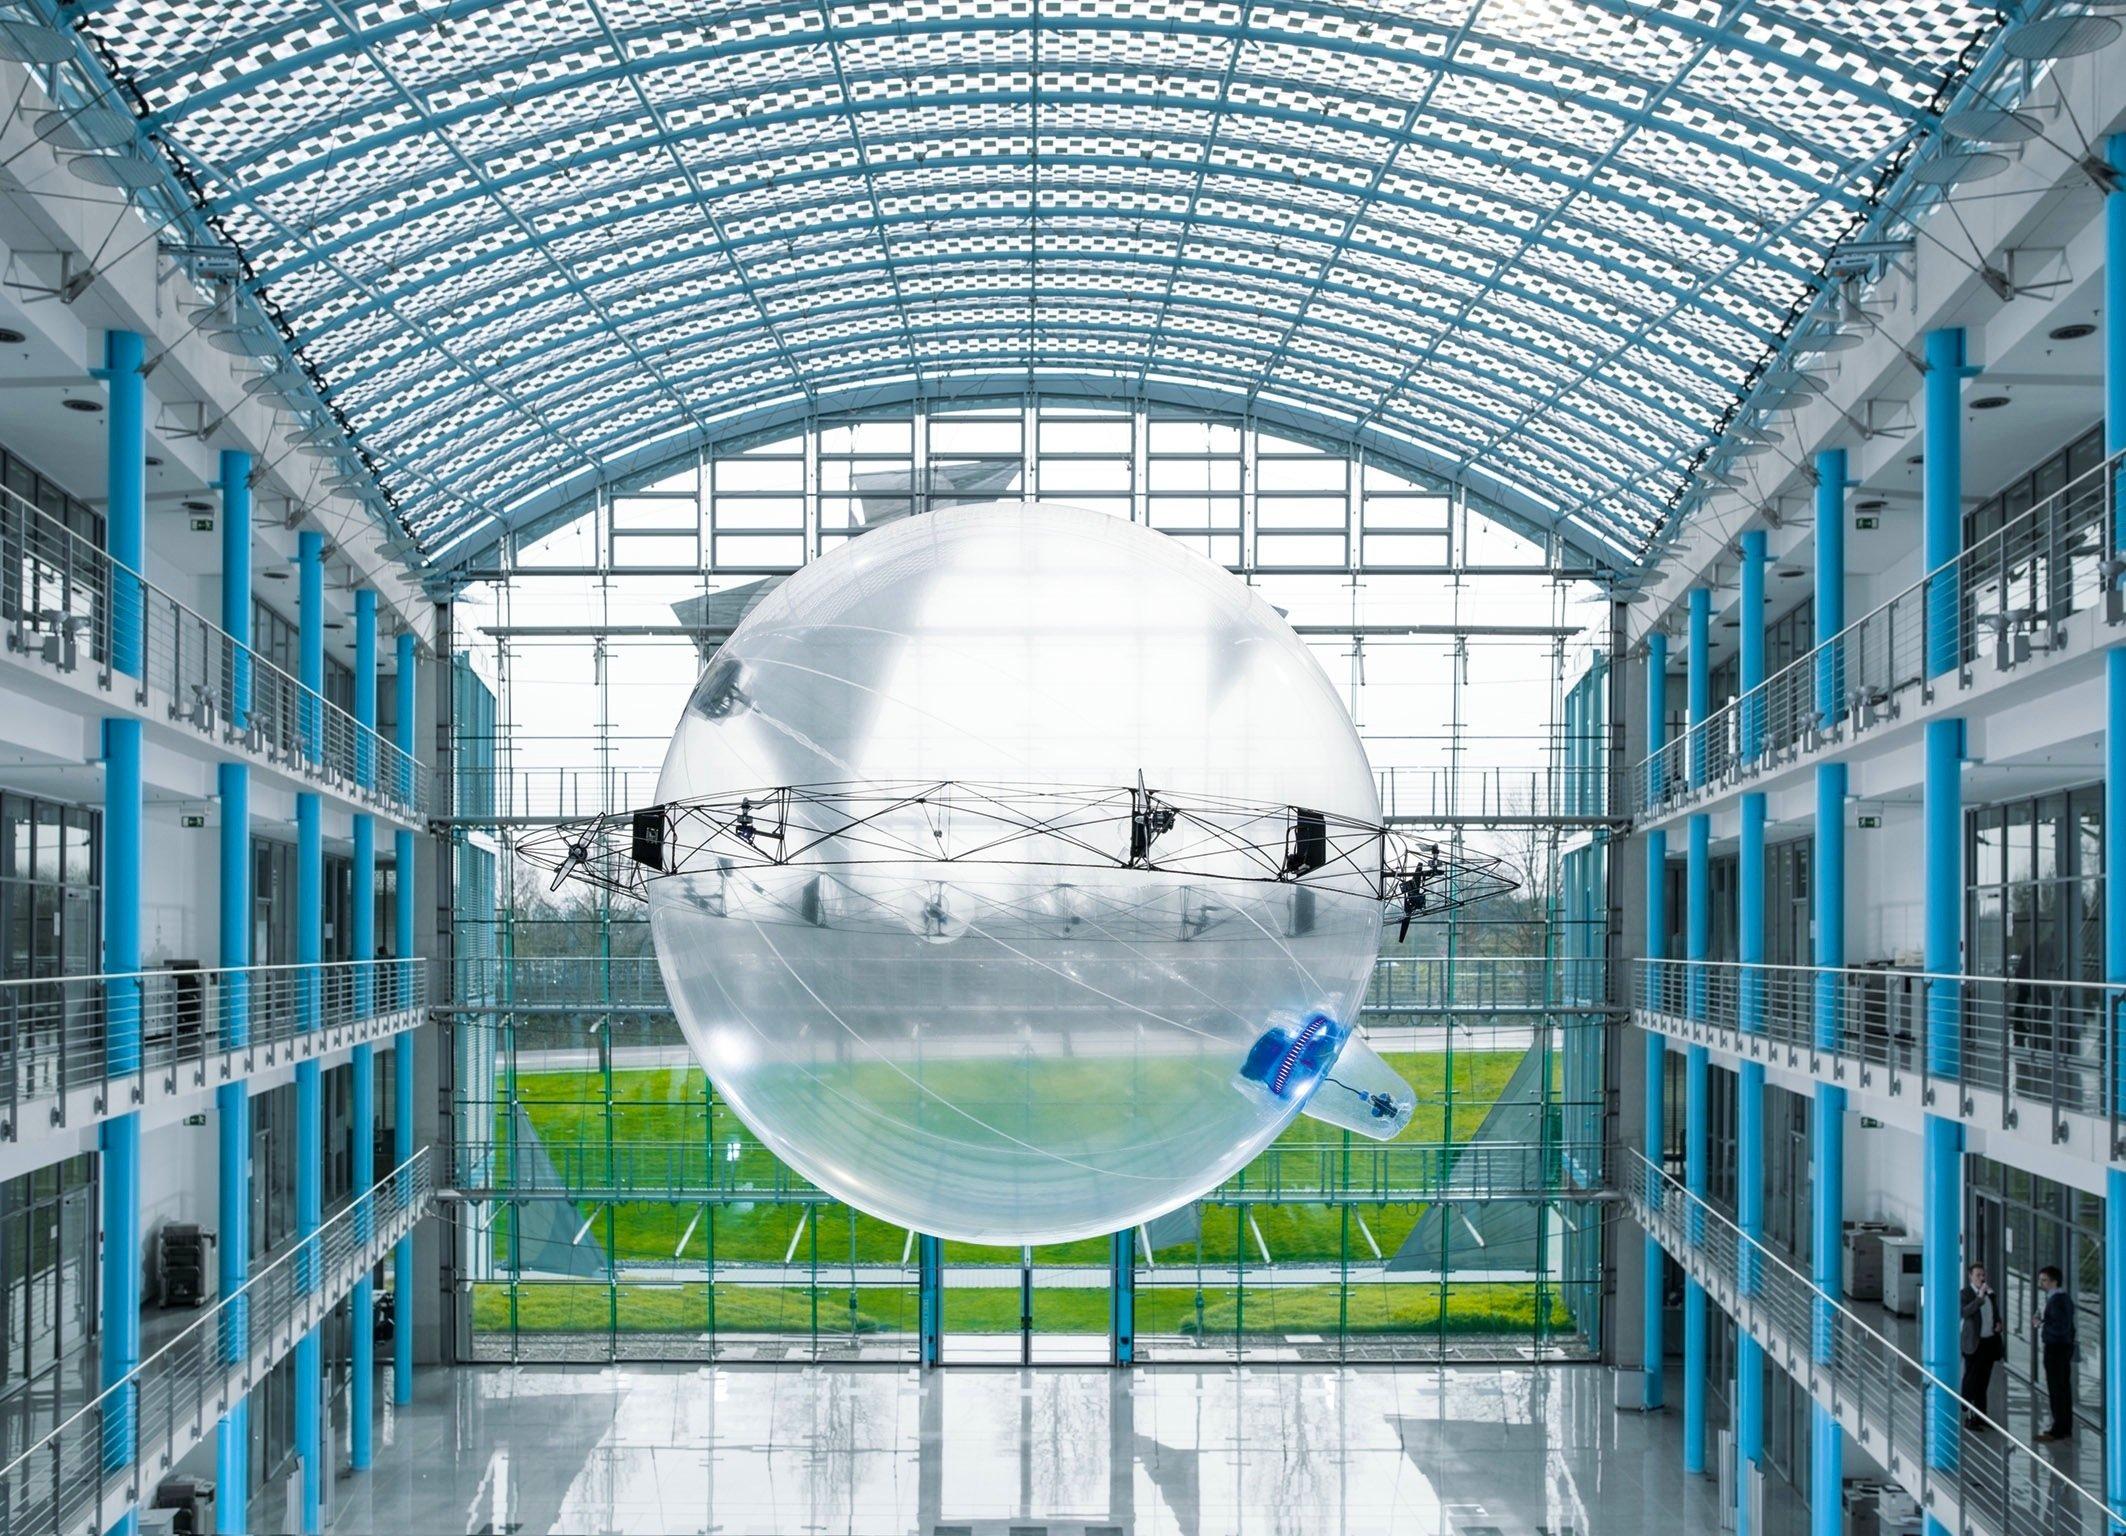 """Das neue Flugobjekt namens """"FreeMotionHandling"""" von Festo besteht aus einem ultraleichten Karbonring mit acht rundum verteilten Mini-Propellern. In der Mitte des Rings sitzt eine drehbare Heliumkugel, an deren Unterseite ein Greifer montiert ist."""